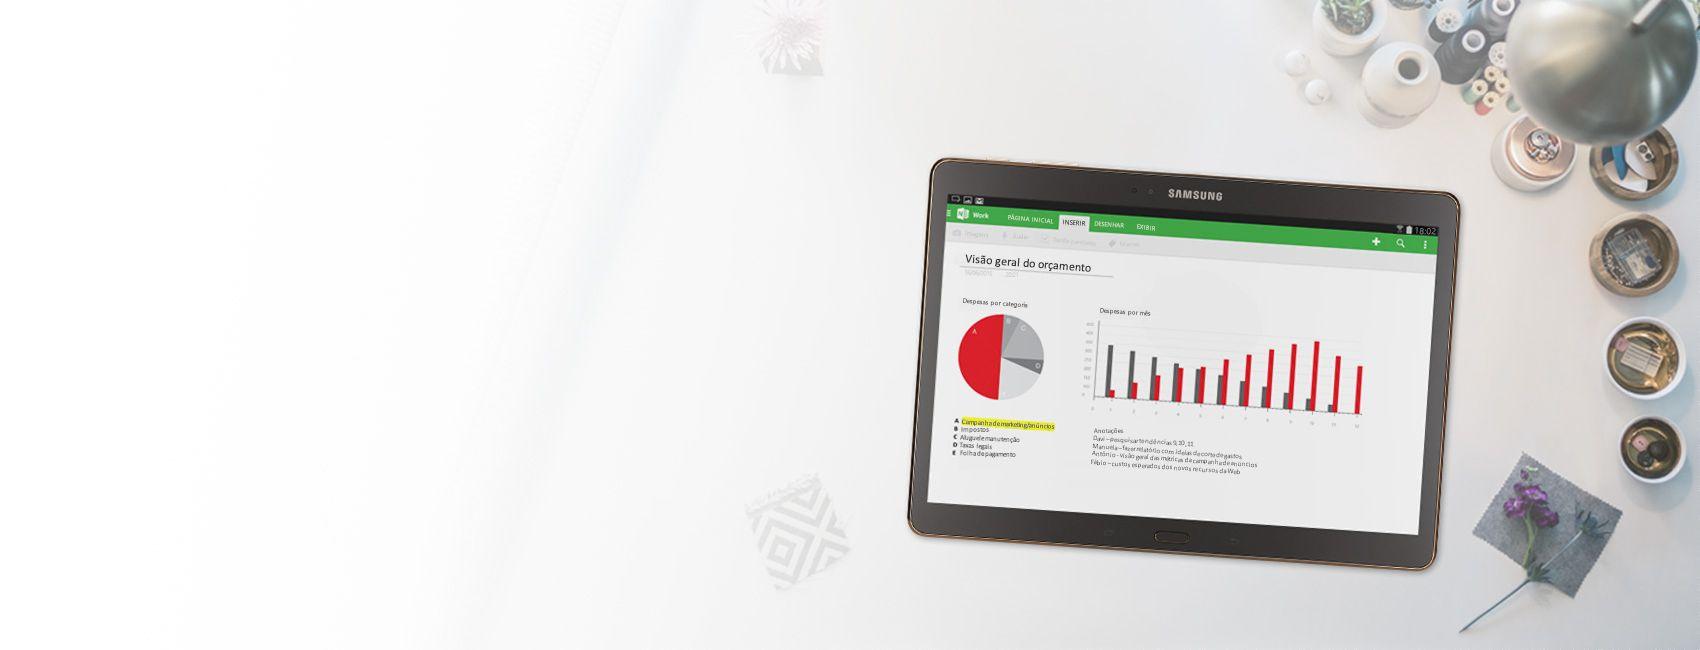 Tablet exibindo um bloco de anotações do OneNote com gráficos da visão geral de um orçamento